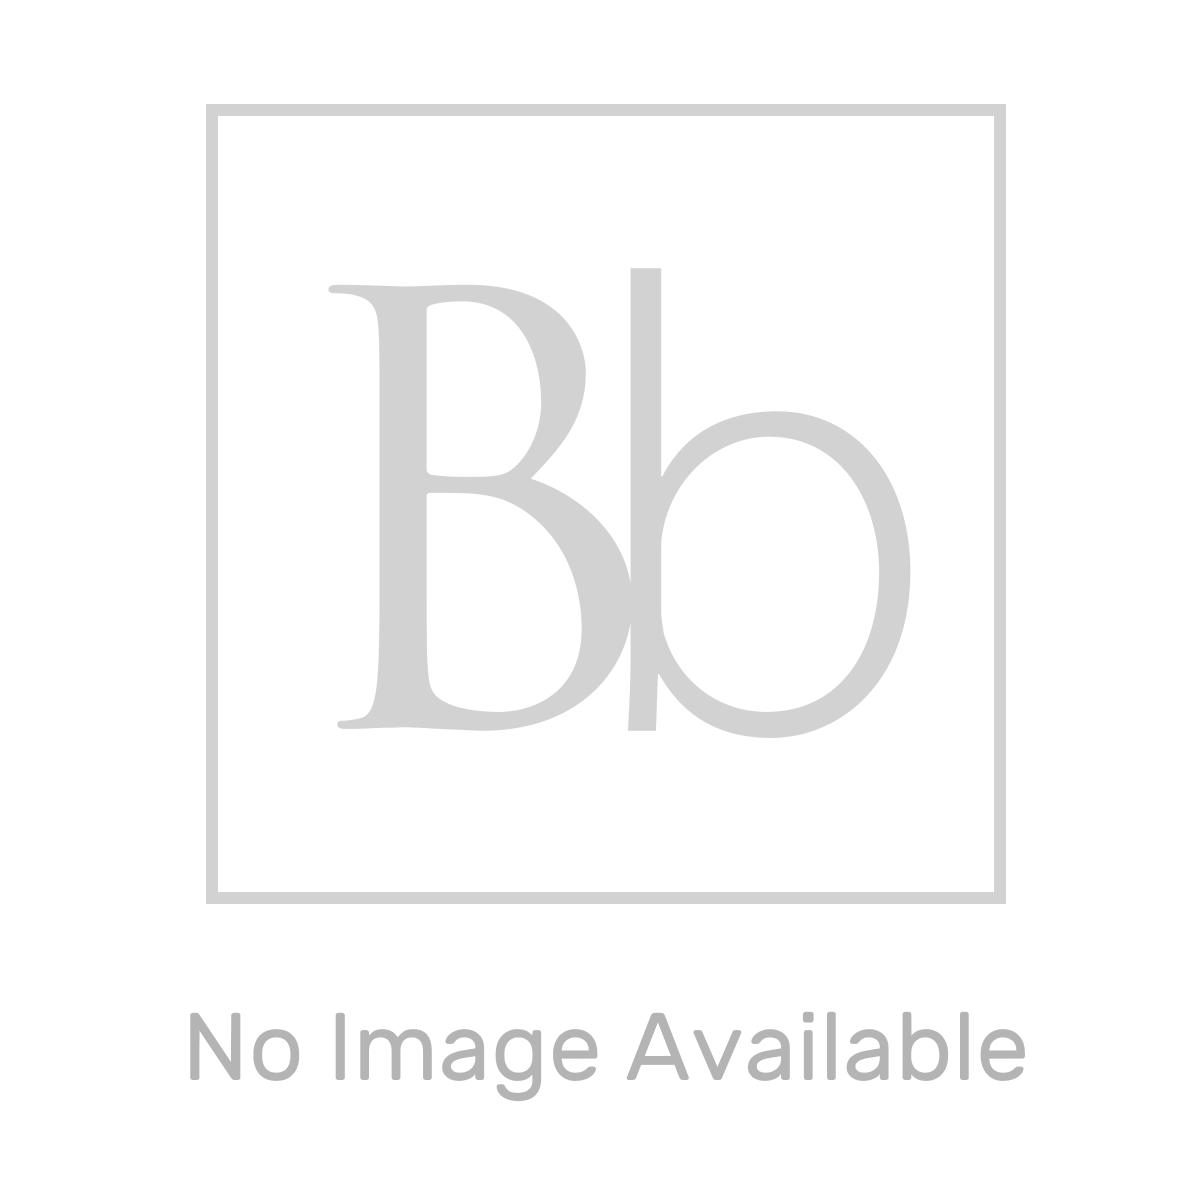 Croydex Stick N Lock Plus Anti-Fog Mirror